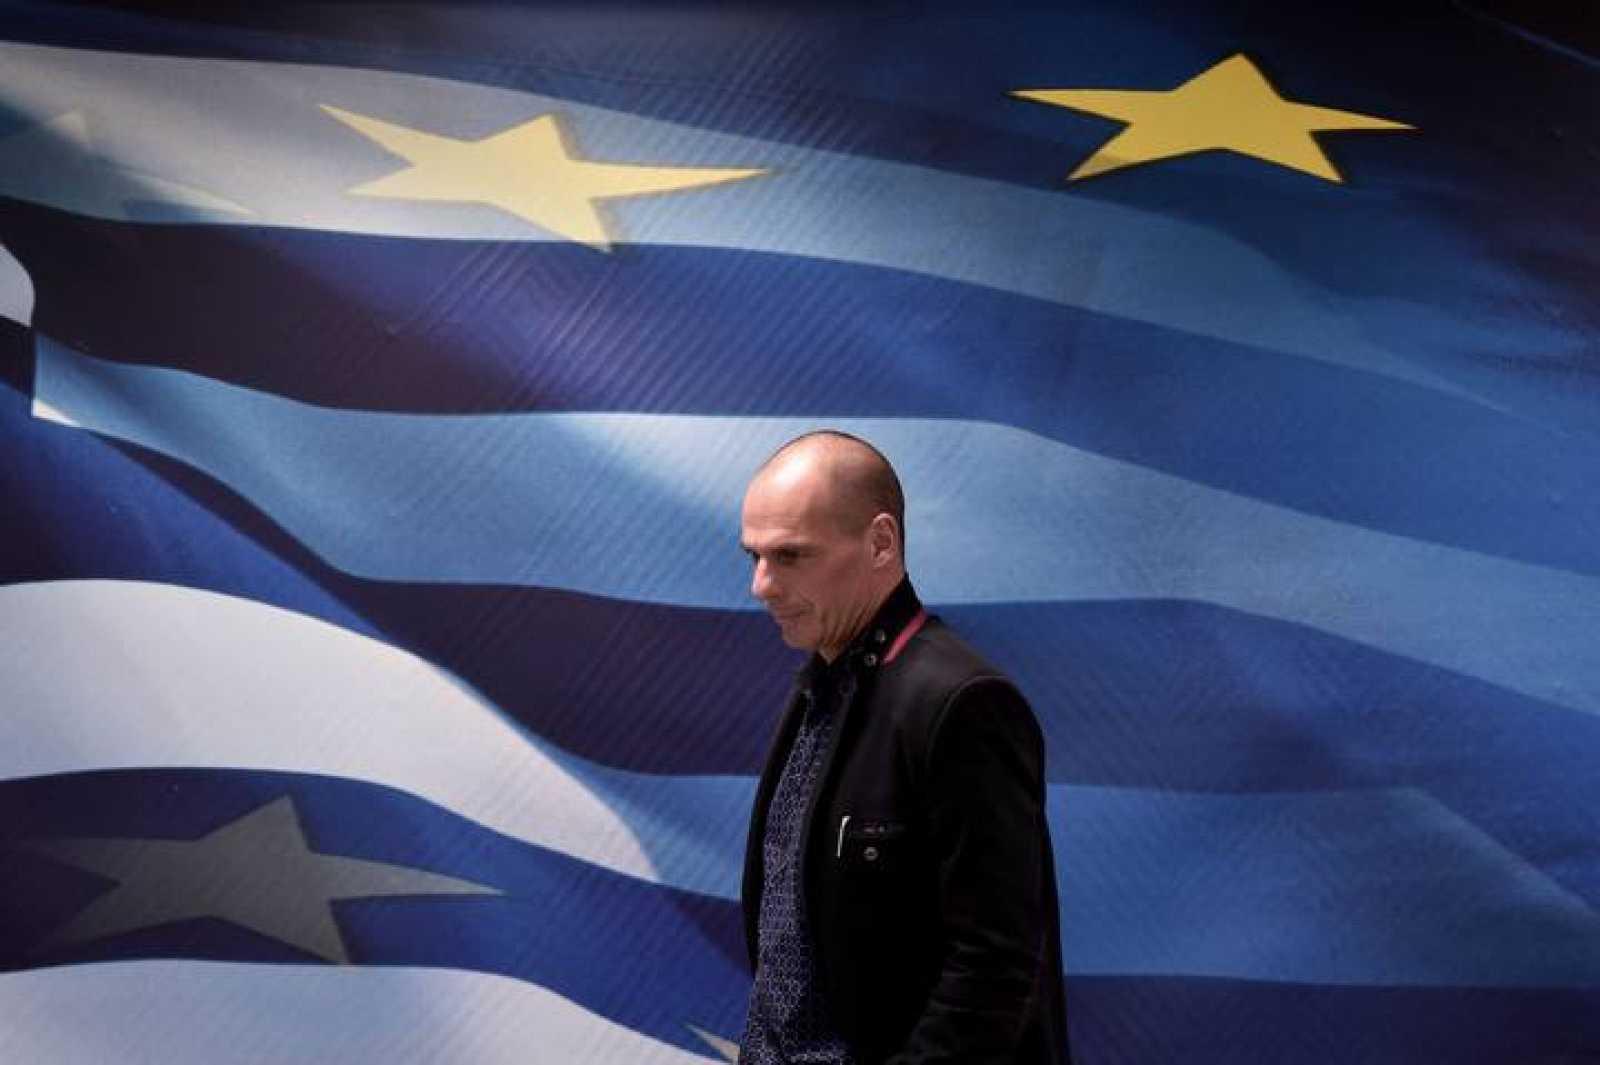 El ministro griego de Finanzas, Yanis Varoufakis, durante su toma de posesión en Atenas.